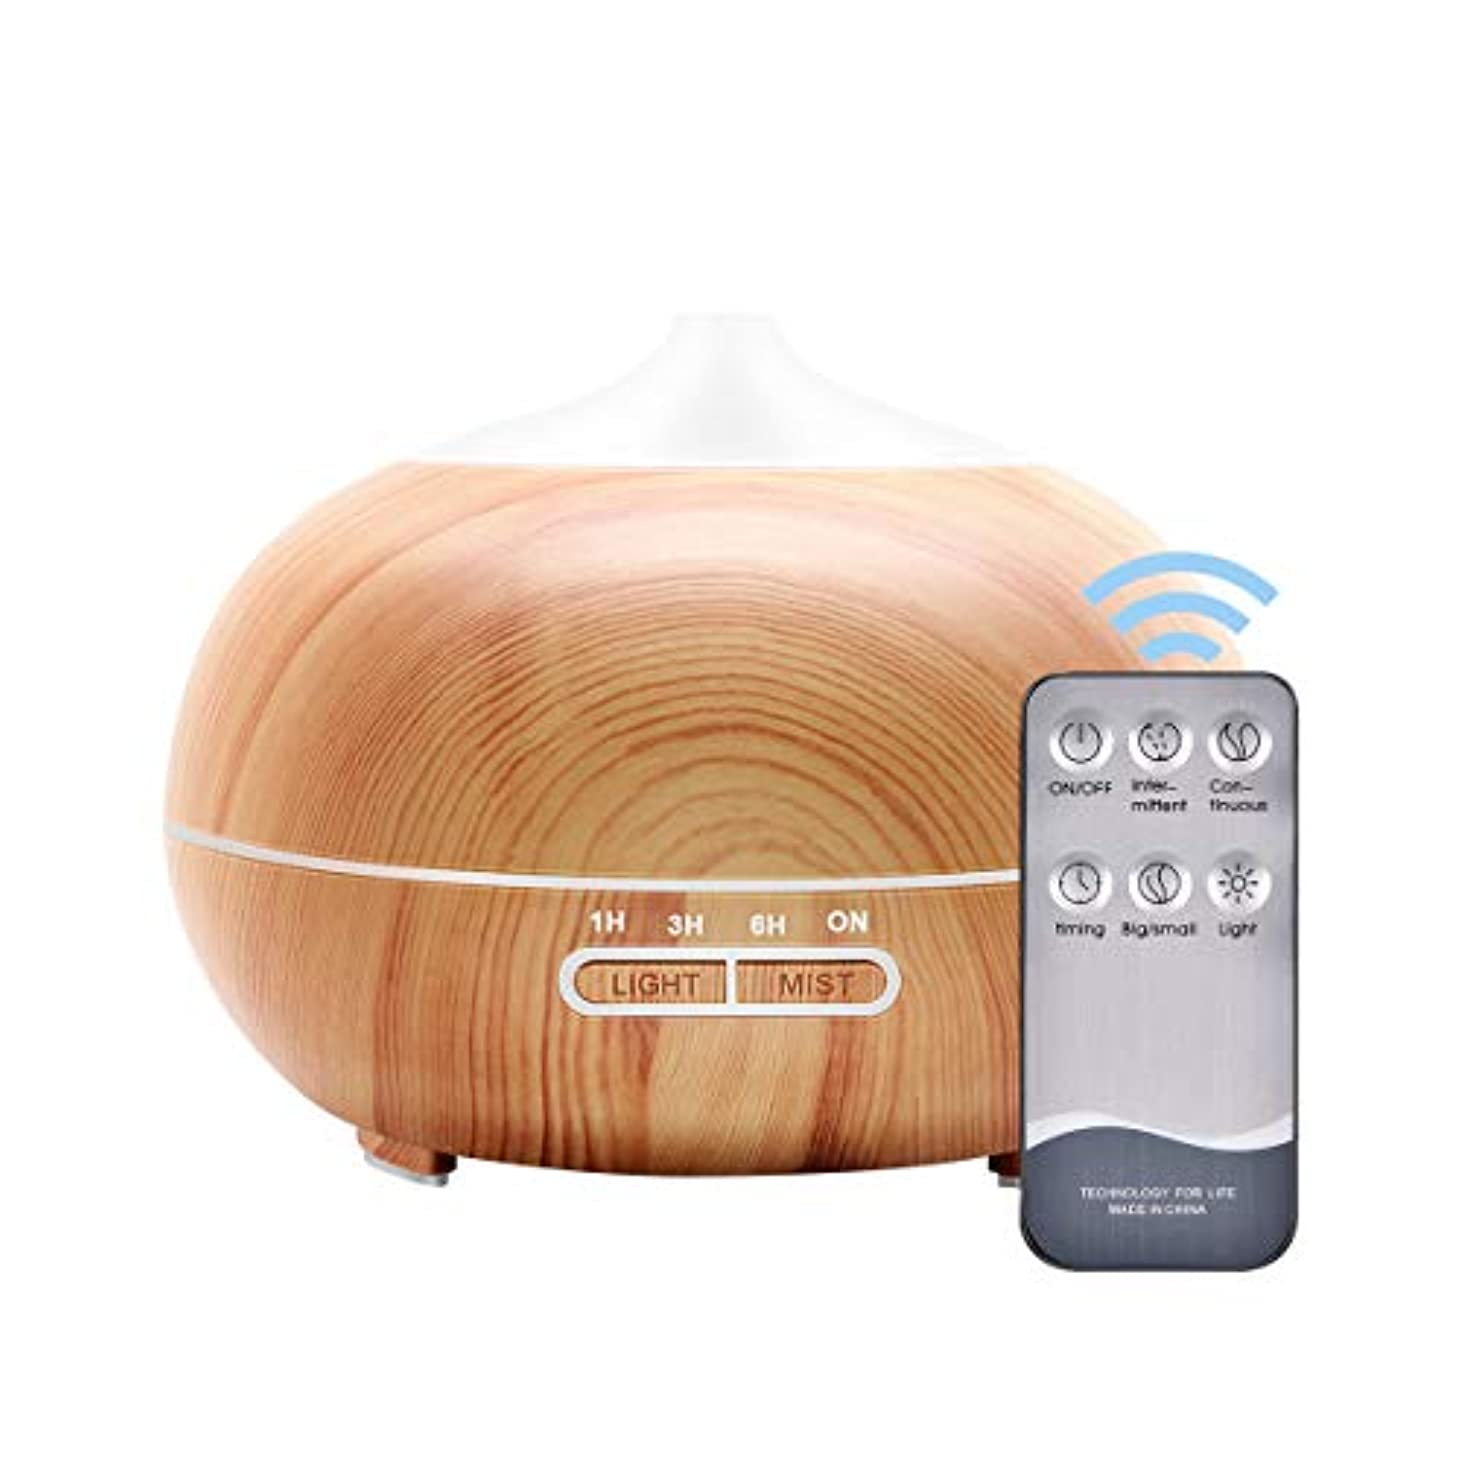 非効率的な化学者哲学的Healifty Essential Oil Diffuser Aroma Essential Oil Cool Mist Humidifier Remote Control Aromatherapy Diffuser with JP Plug